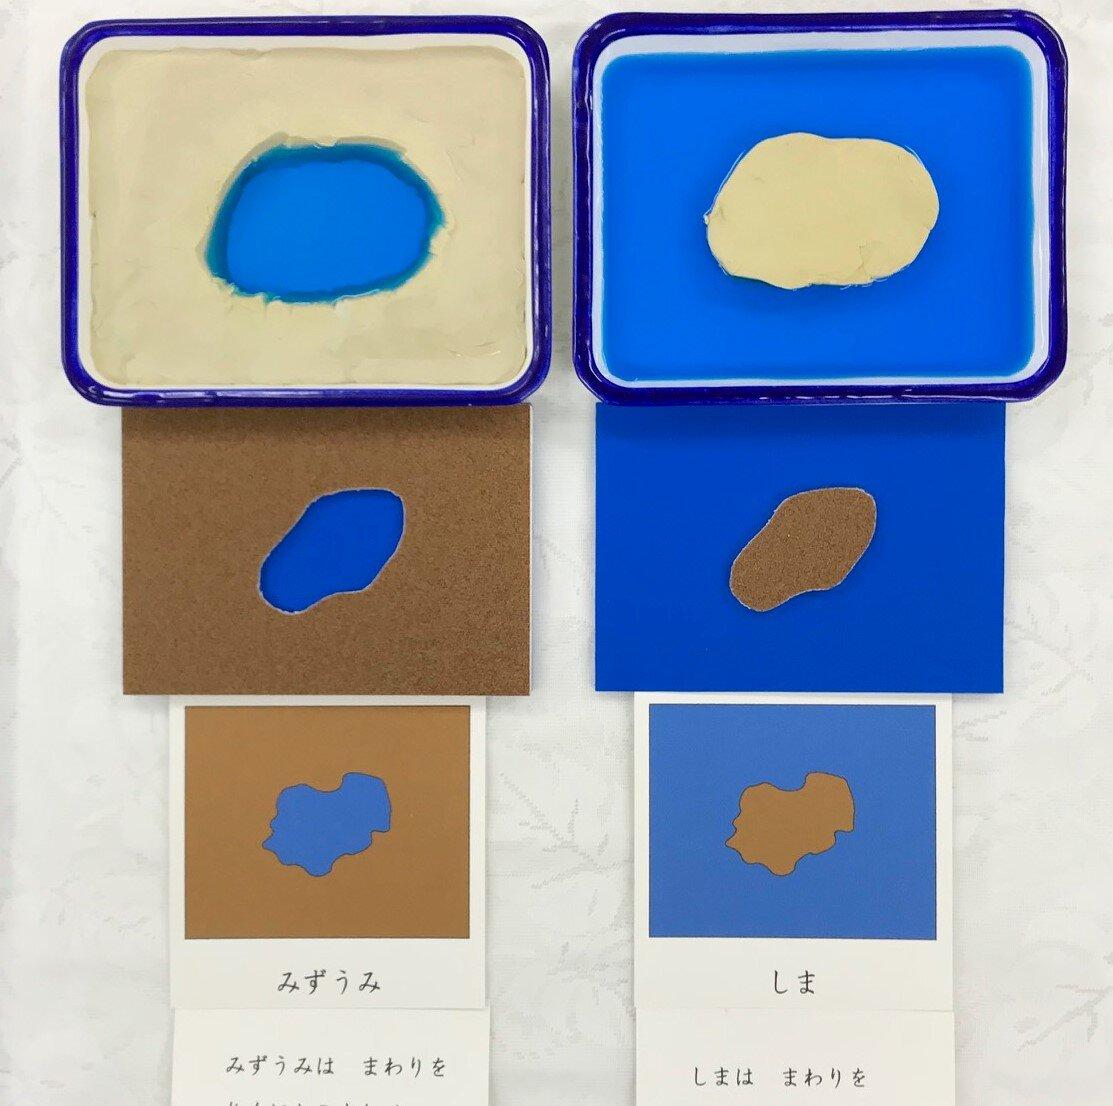 たいしょう地形 水と粘土で作ったモデル→手と五感に訴える立体カード→絵カード→説明文